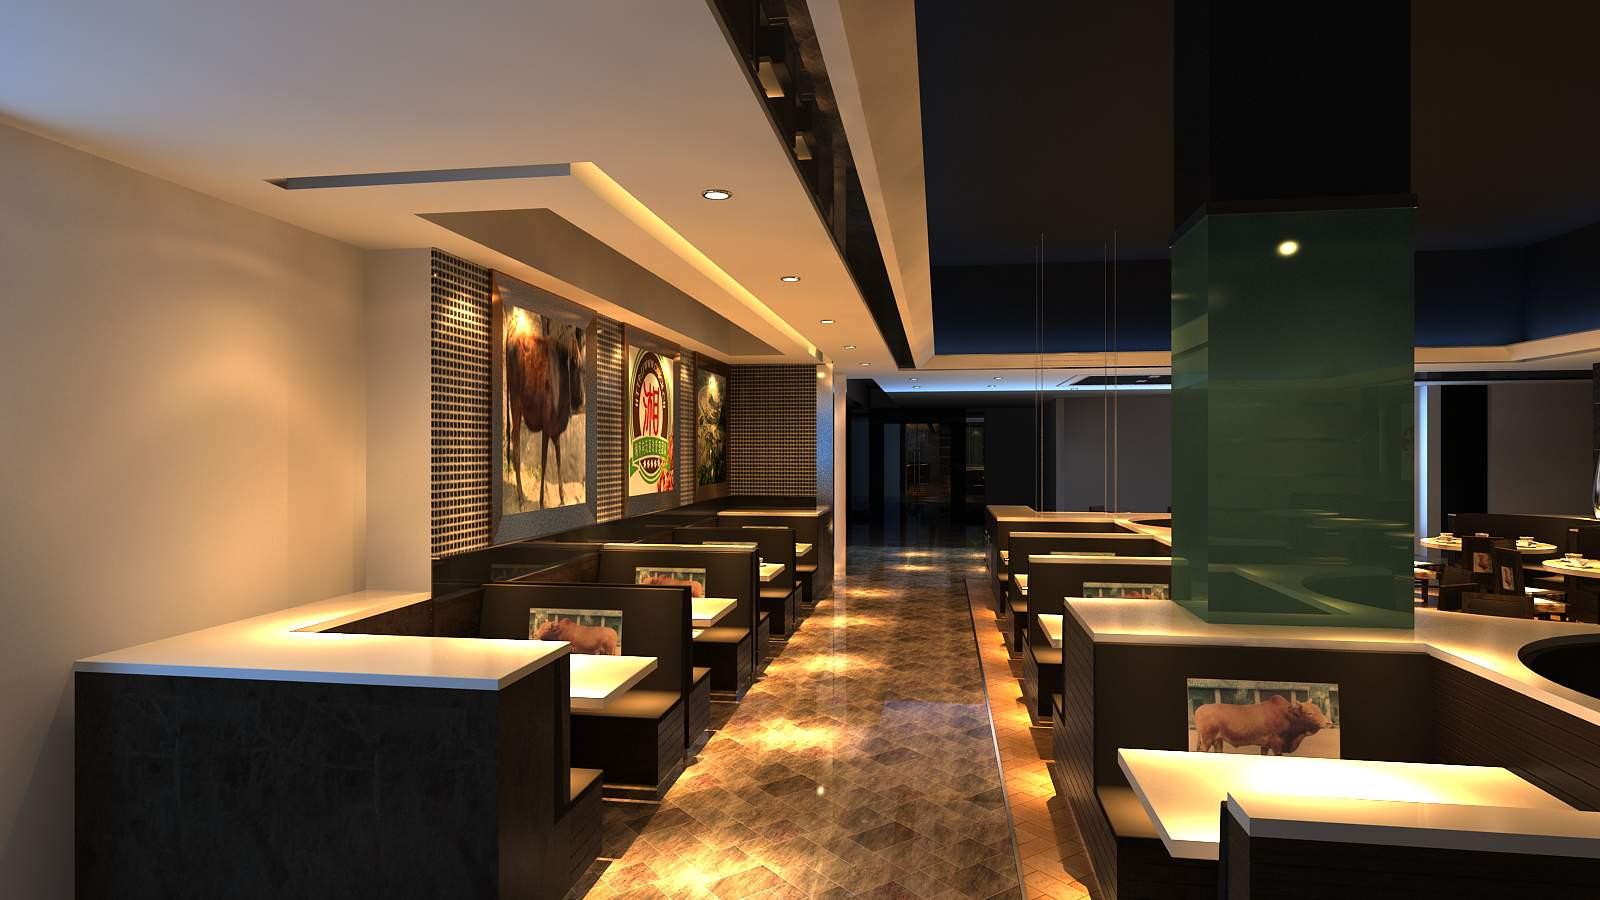 拟开连锁餐厅,为连锁餐厅提供设计方案